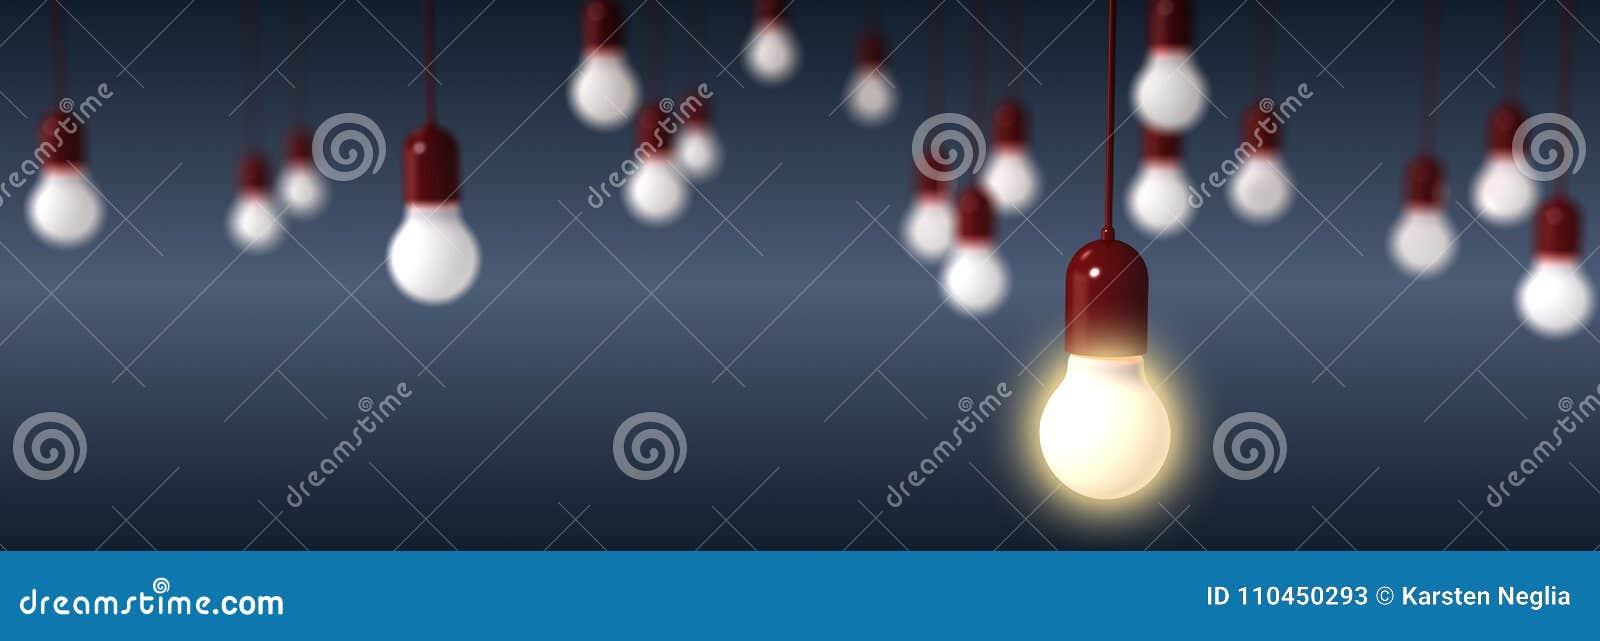 Tolkning av ljusa kulor på blå bakgrund